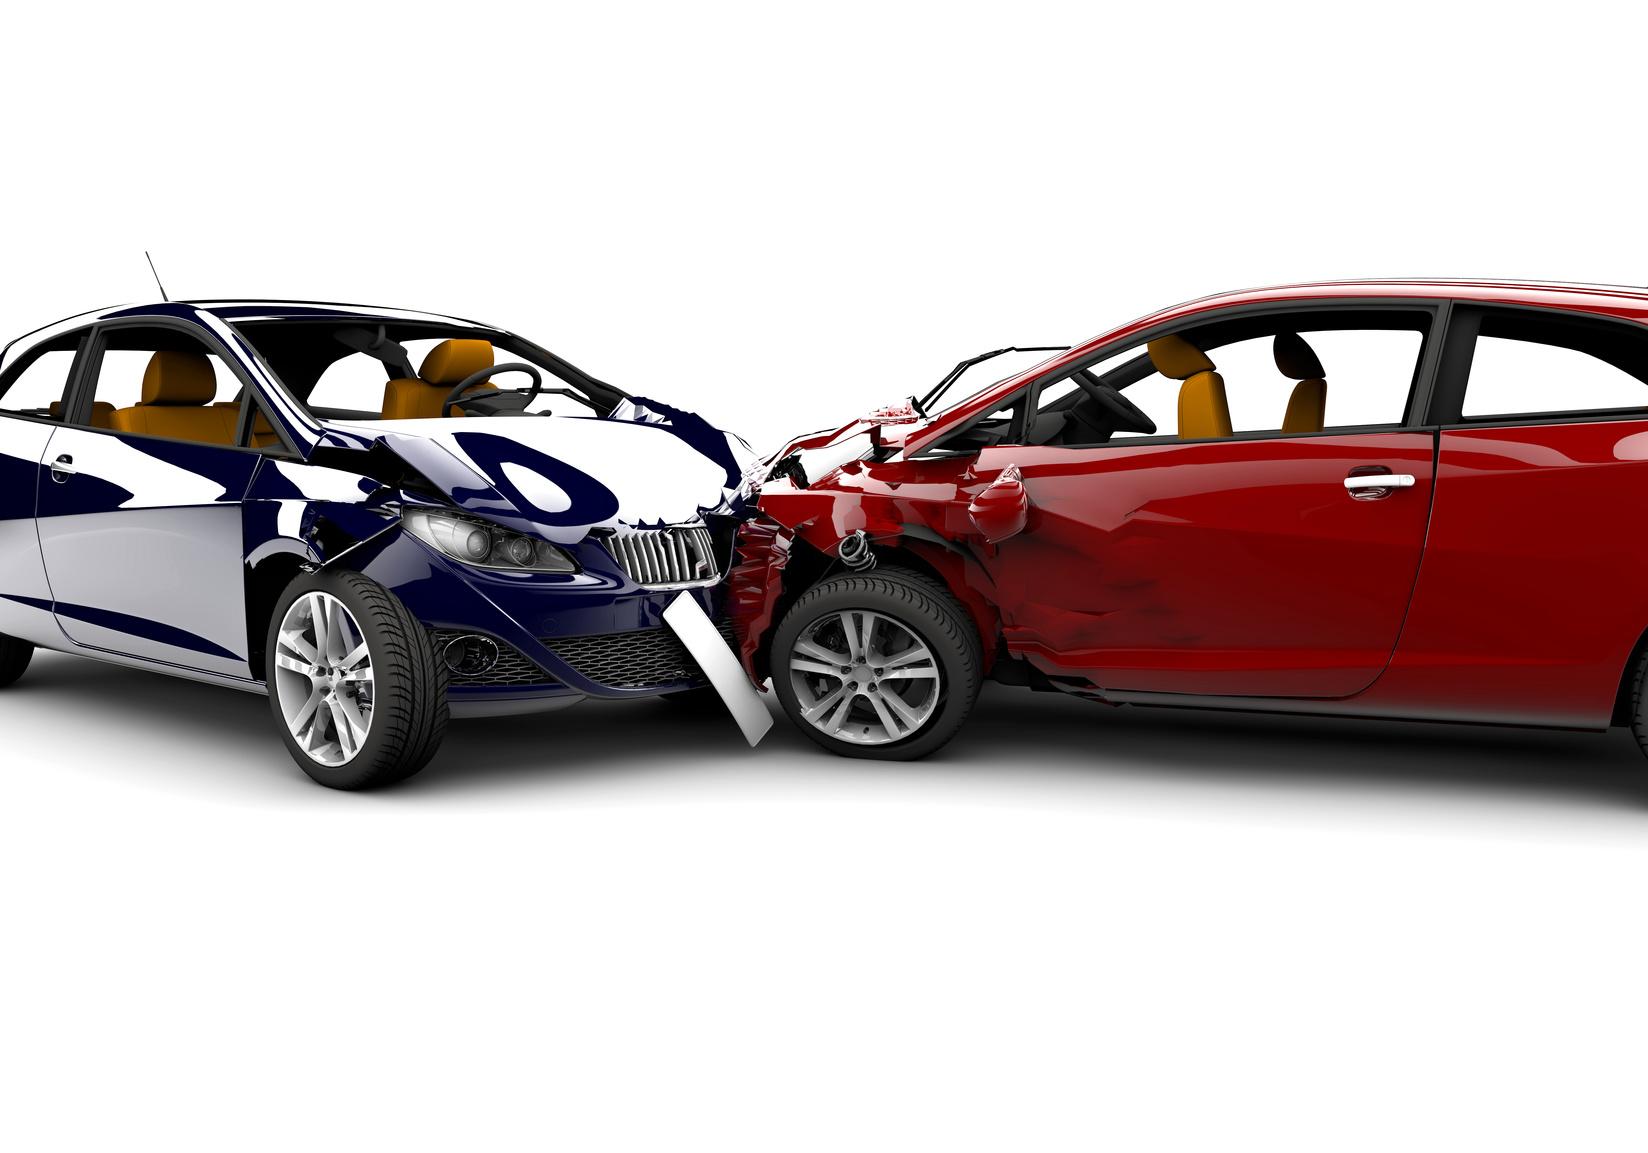 Stijging aantal verkeersongevallen met letselschade